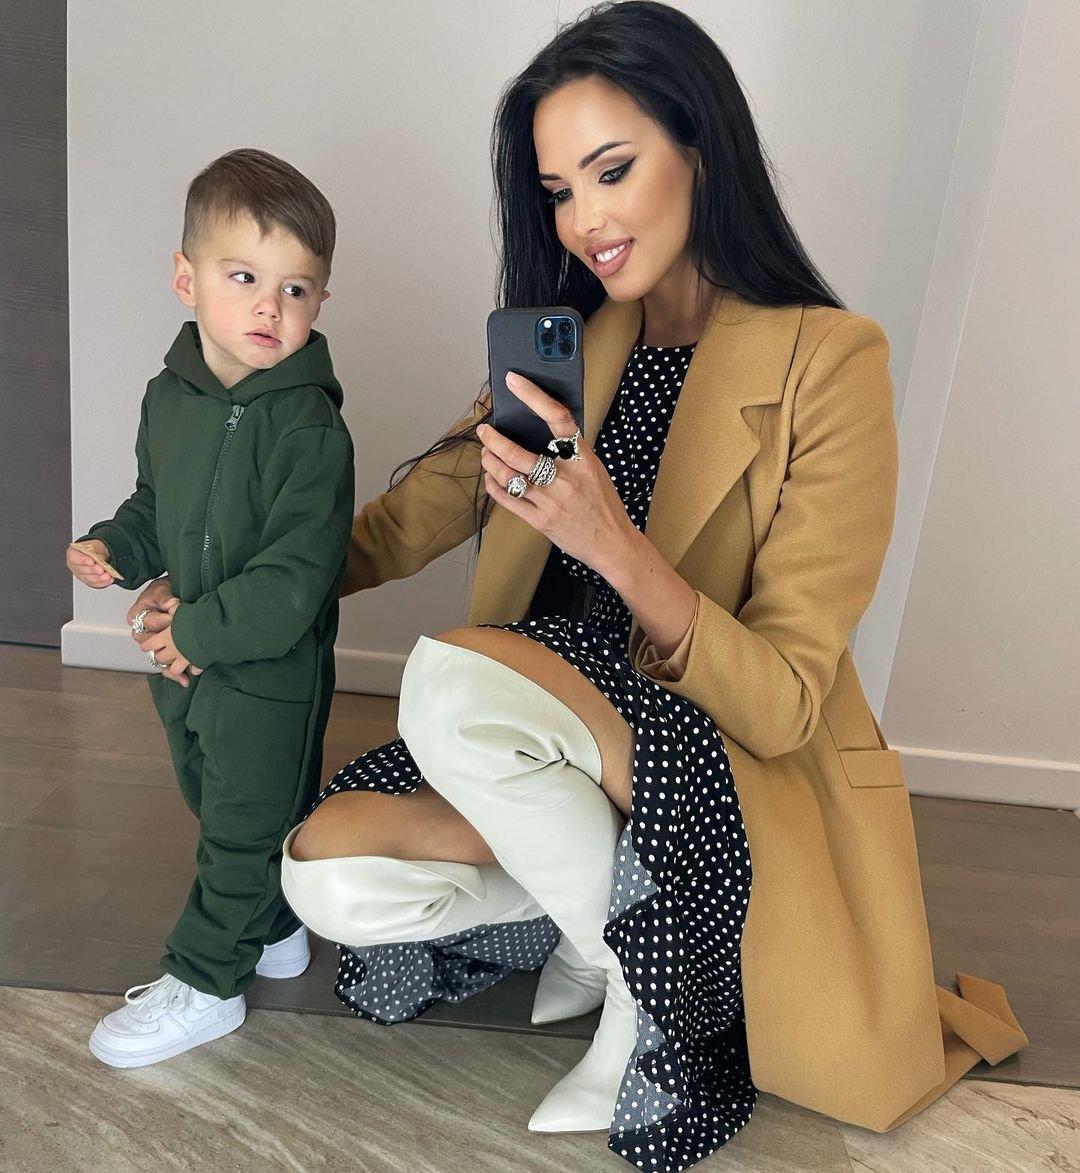 Анастасия Решетова впервые за долгое время опубликовала фото с сыном